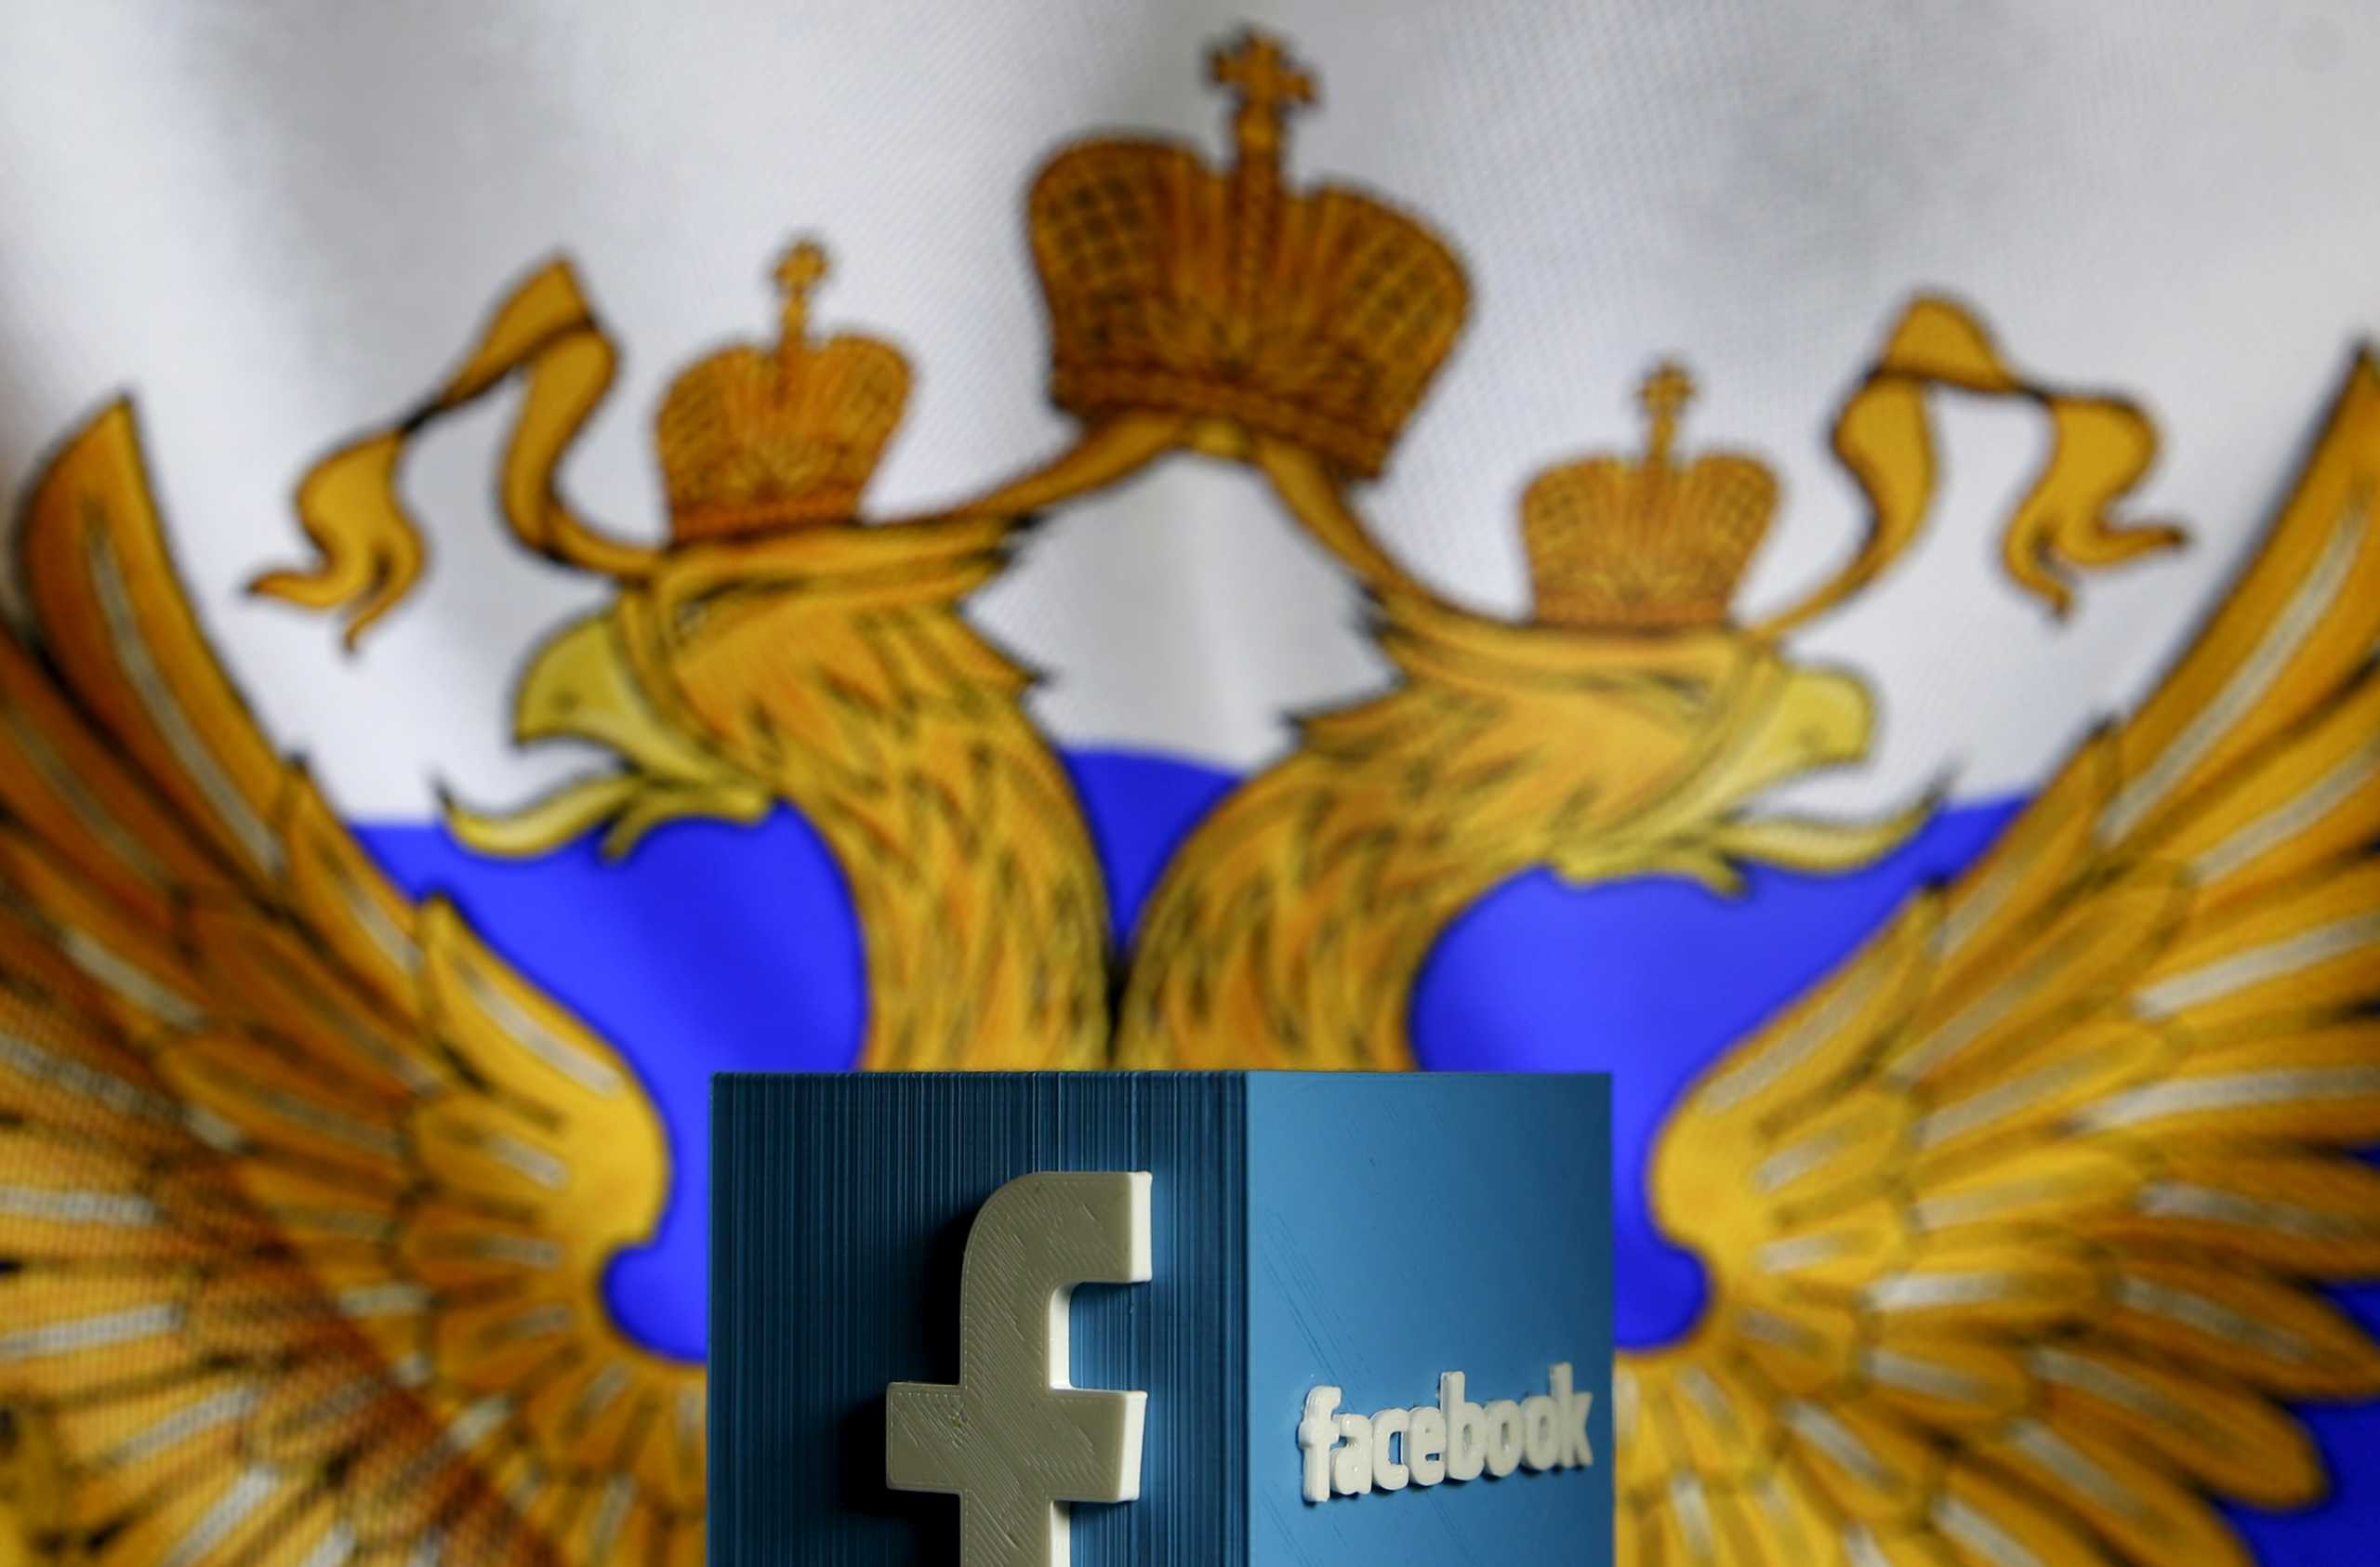 Ρωσικό δικαστήριο επέβαλλε πρόστιμο στην Google και στο Facebook